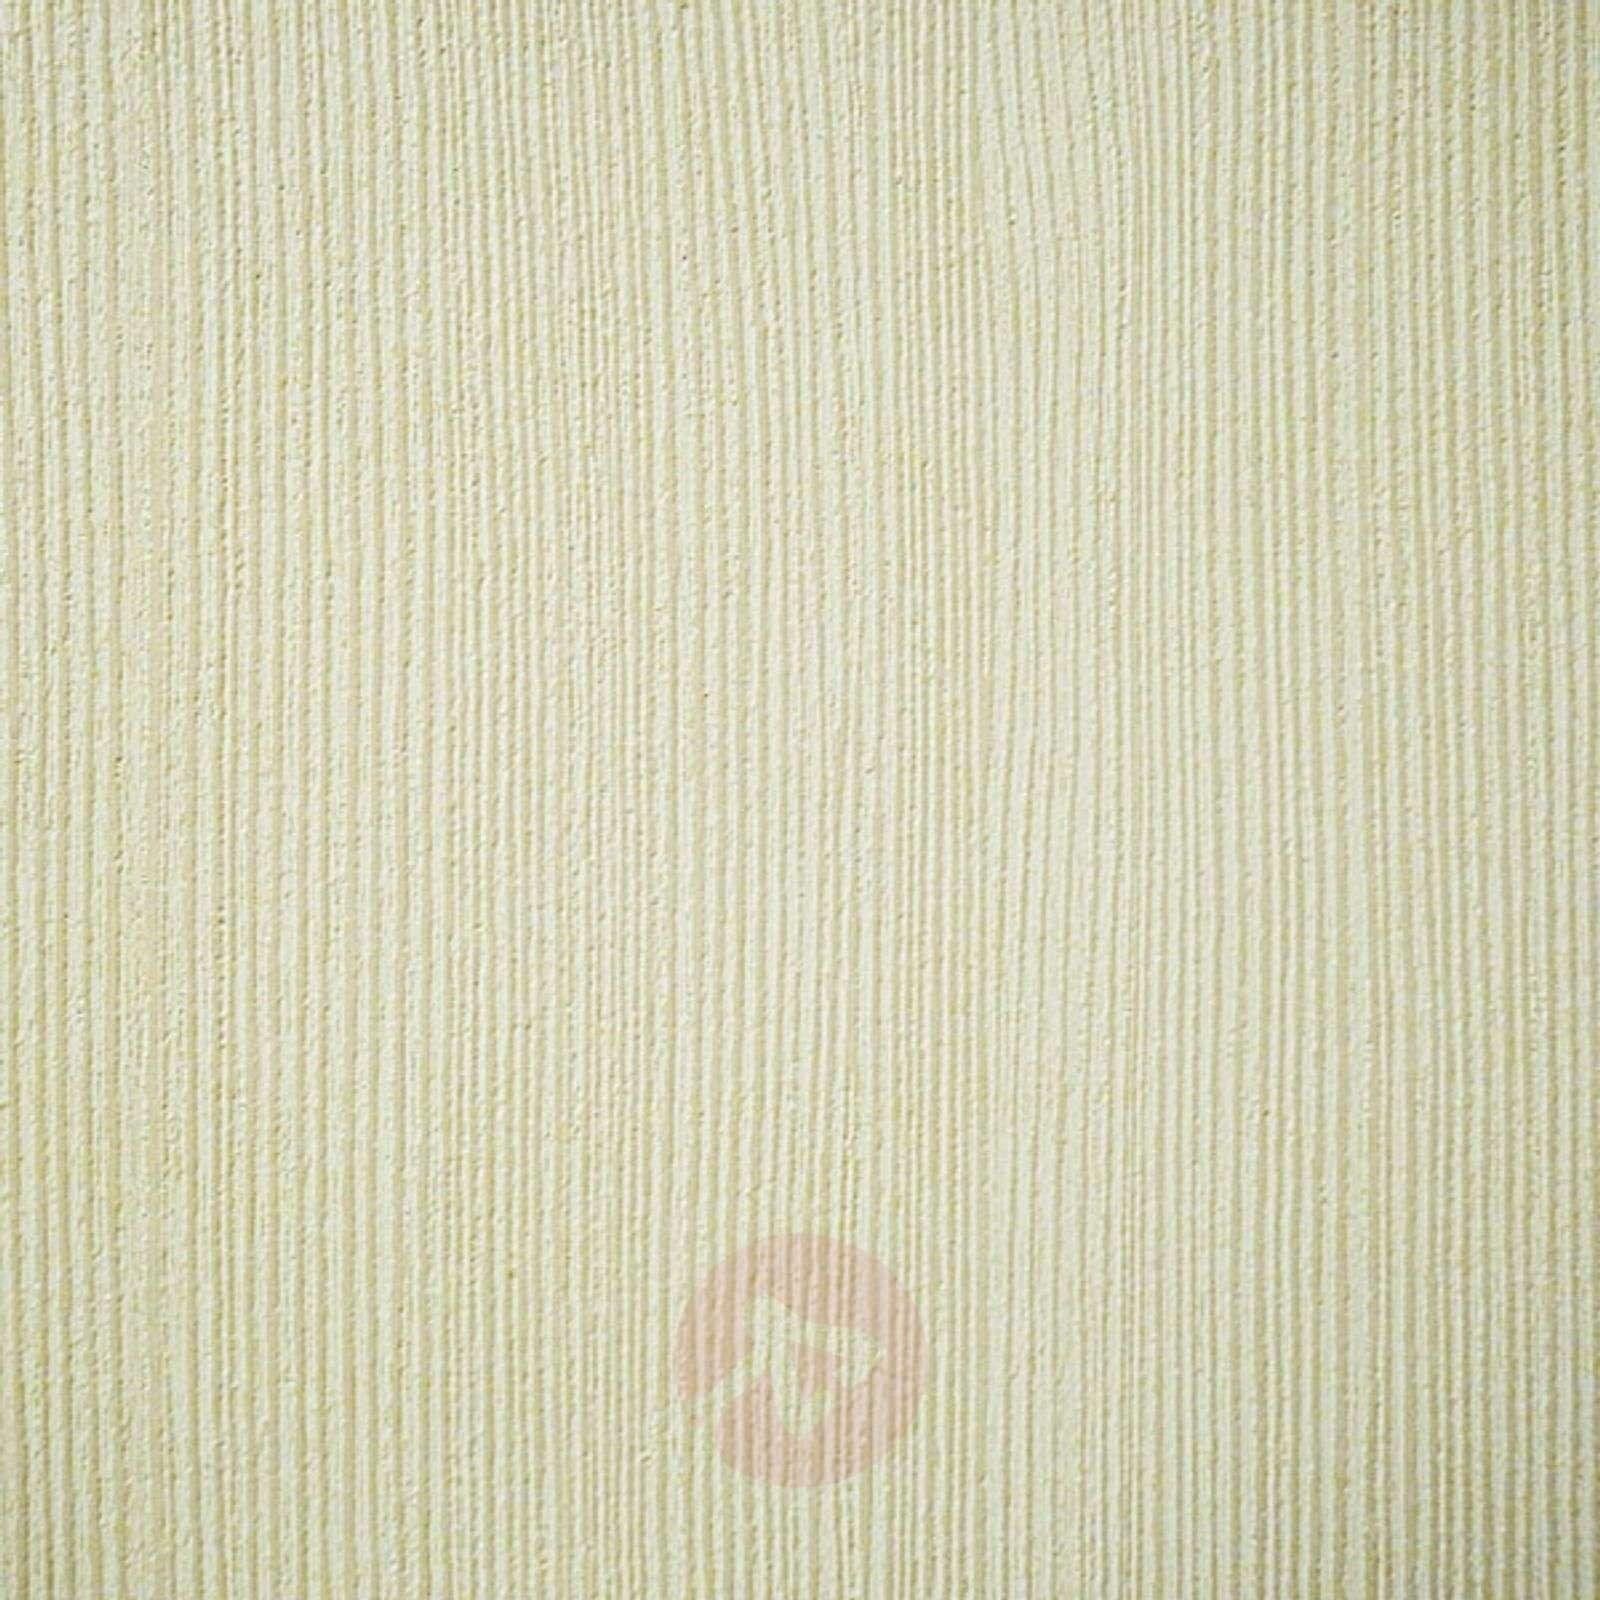 Aesthetic ceiling light Sky Mini Alien white-1056073-01